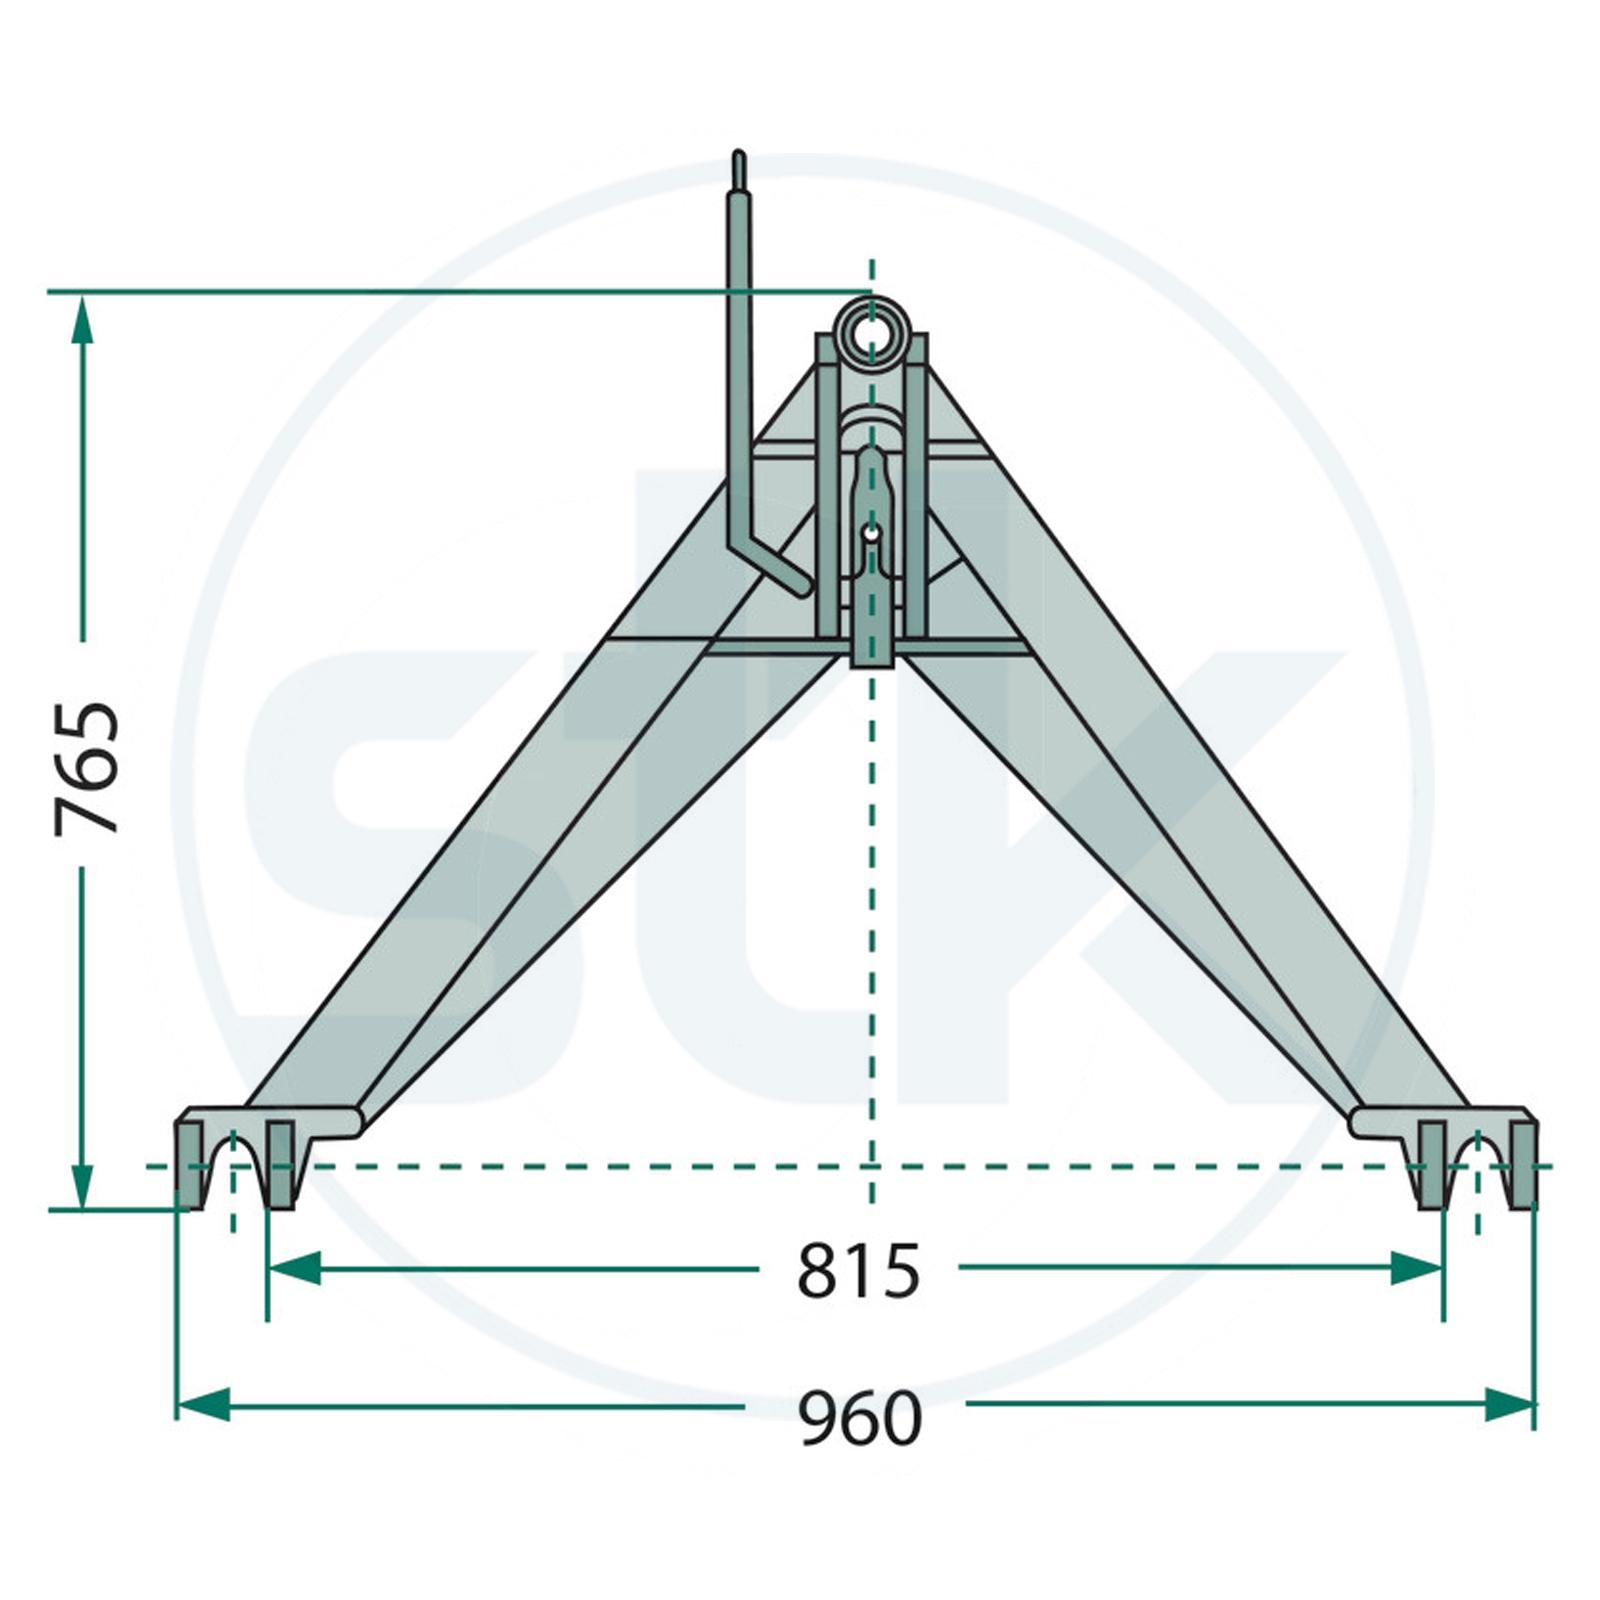 GRANIT Schlepperdreieck für Fronthydraulik  Kat 2 1400 kg Gerätedreieck